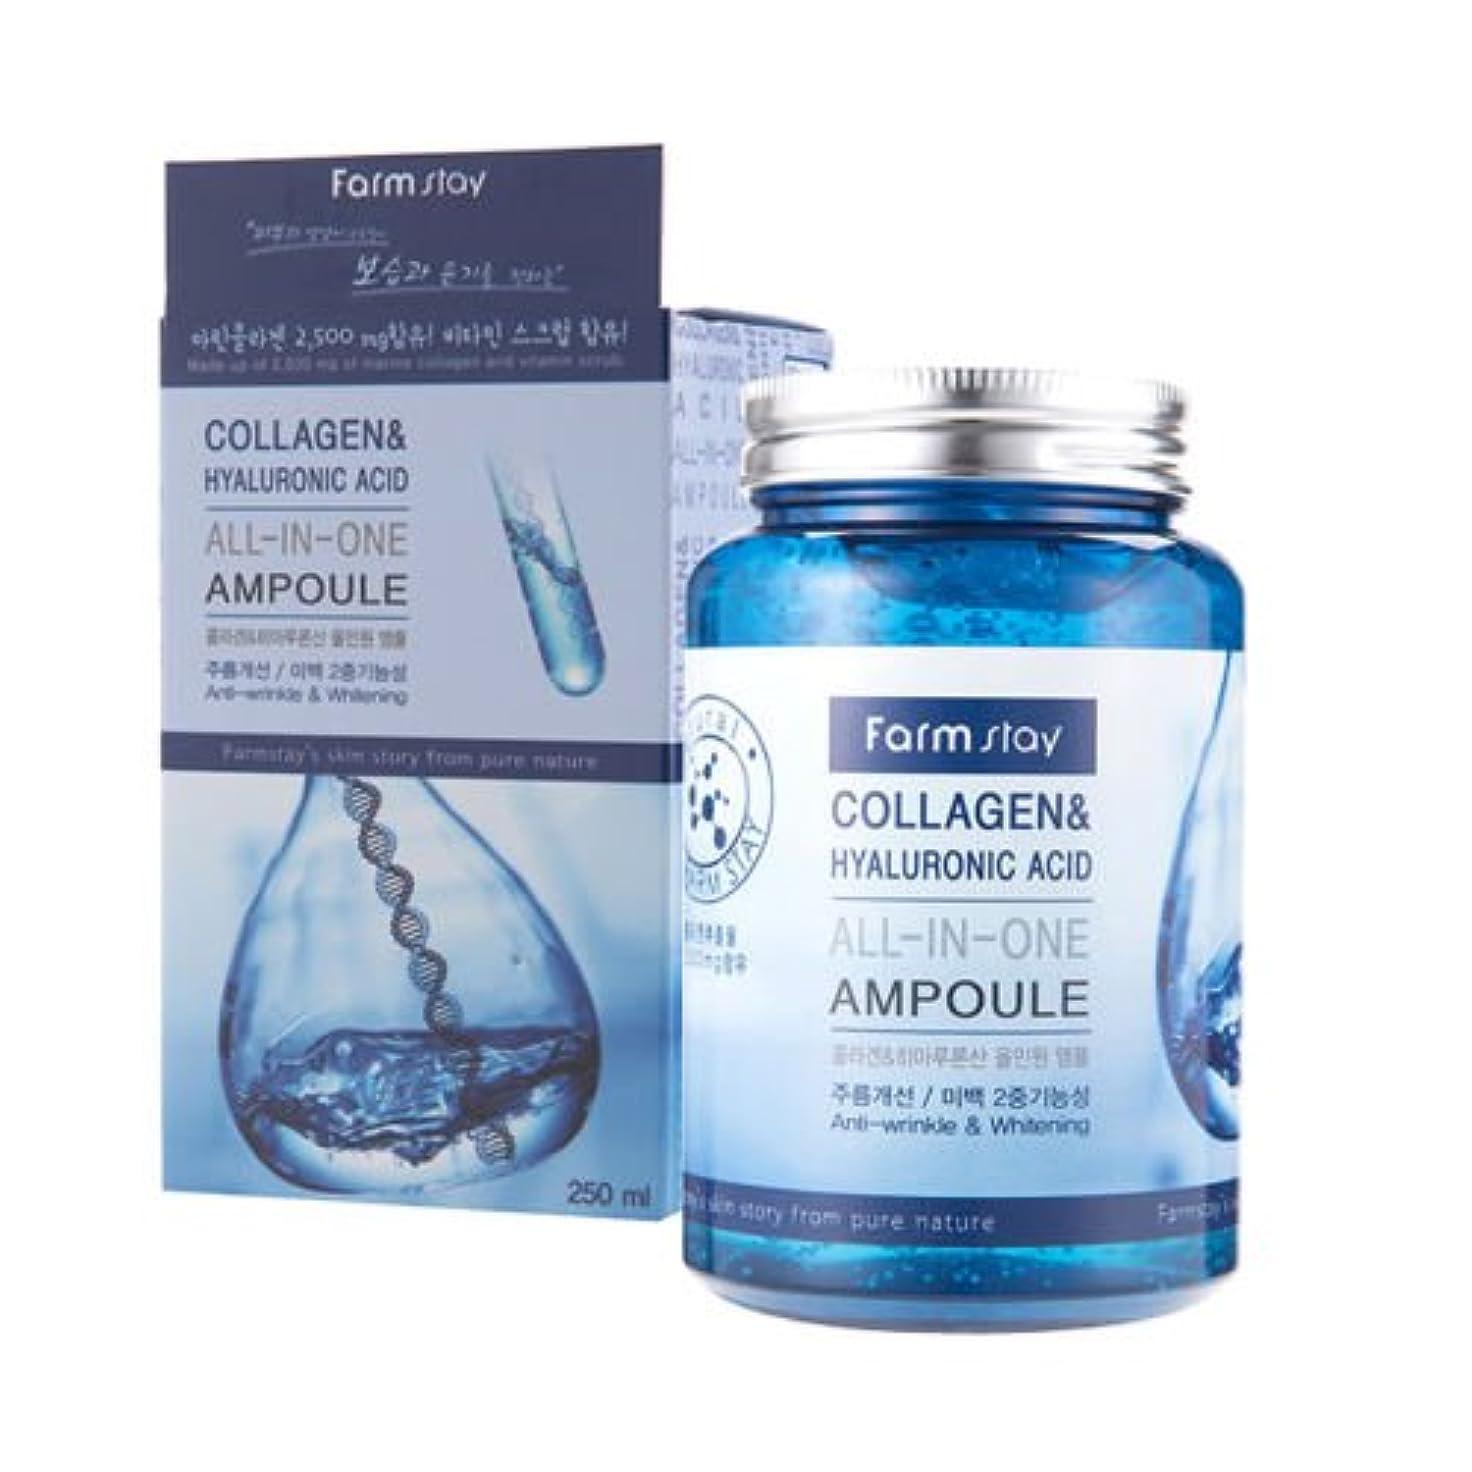 Farm Stay Collagen & Hyaluronic Acid All In One Ampoule 250ml/Korea Cosmetic [並行輸入品]